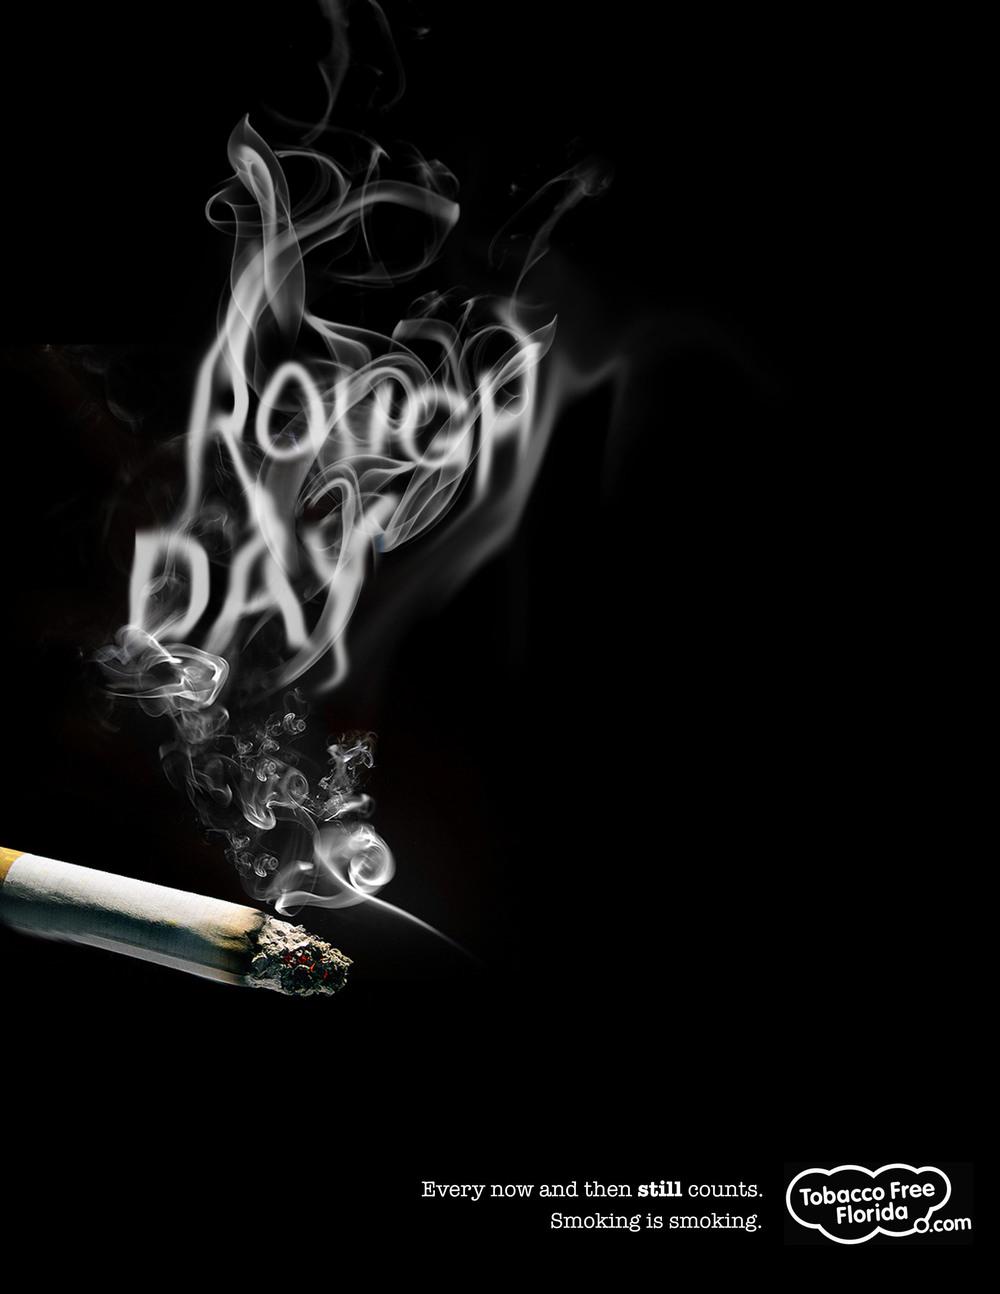 smokeradv3.jpg